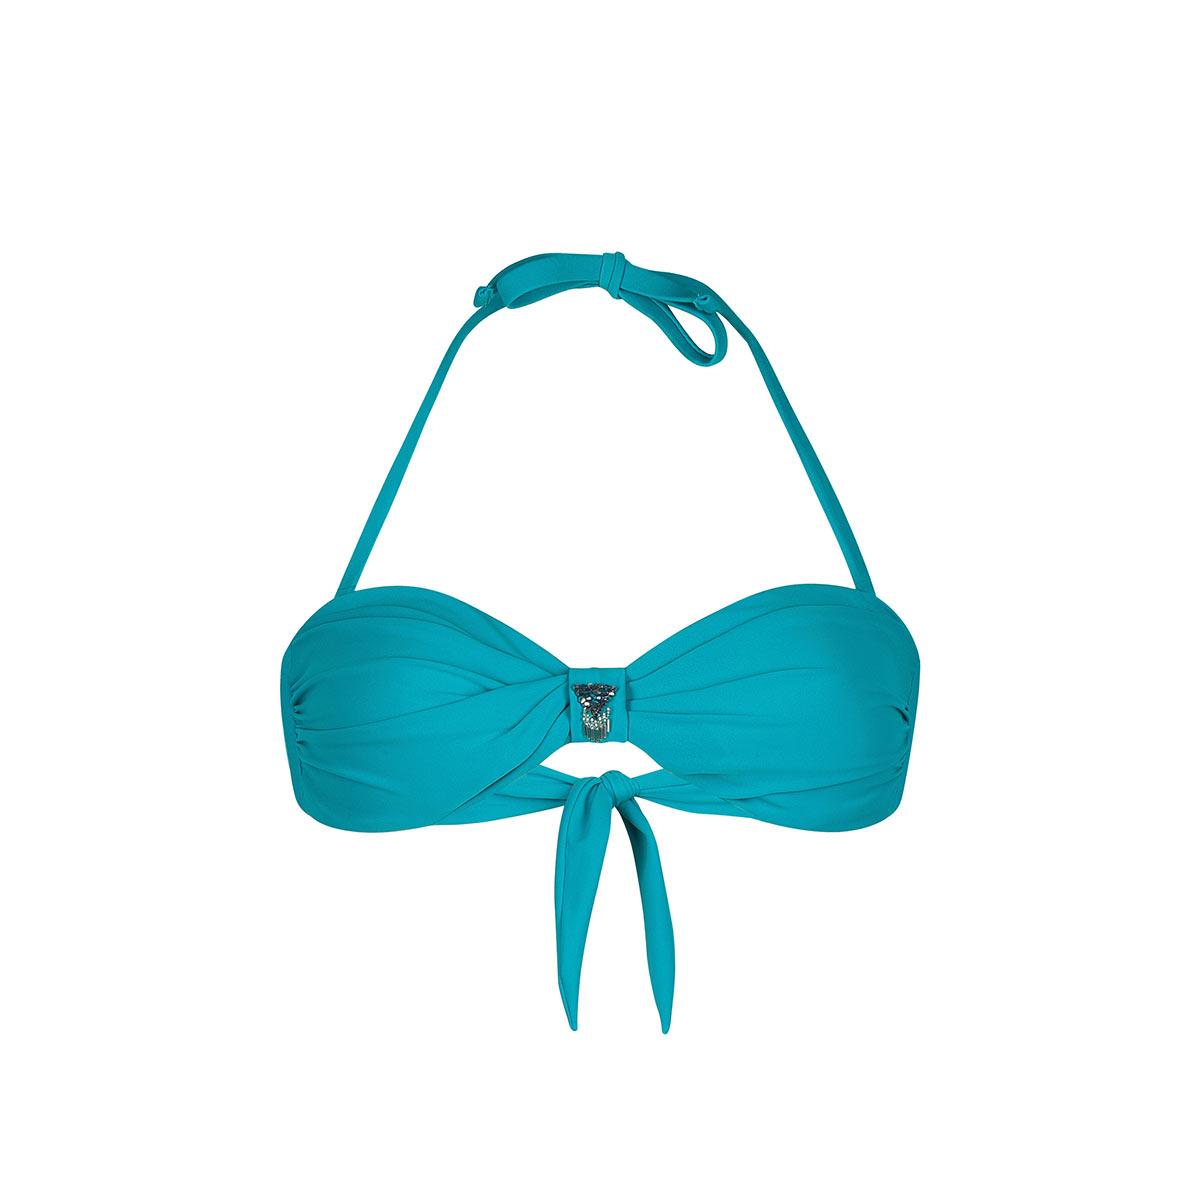 Bandeau-Bikini Uniswim, türkisblau (Oberteil)